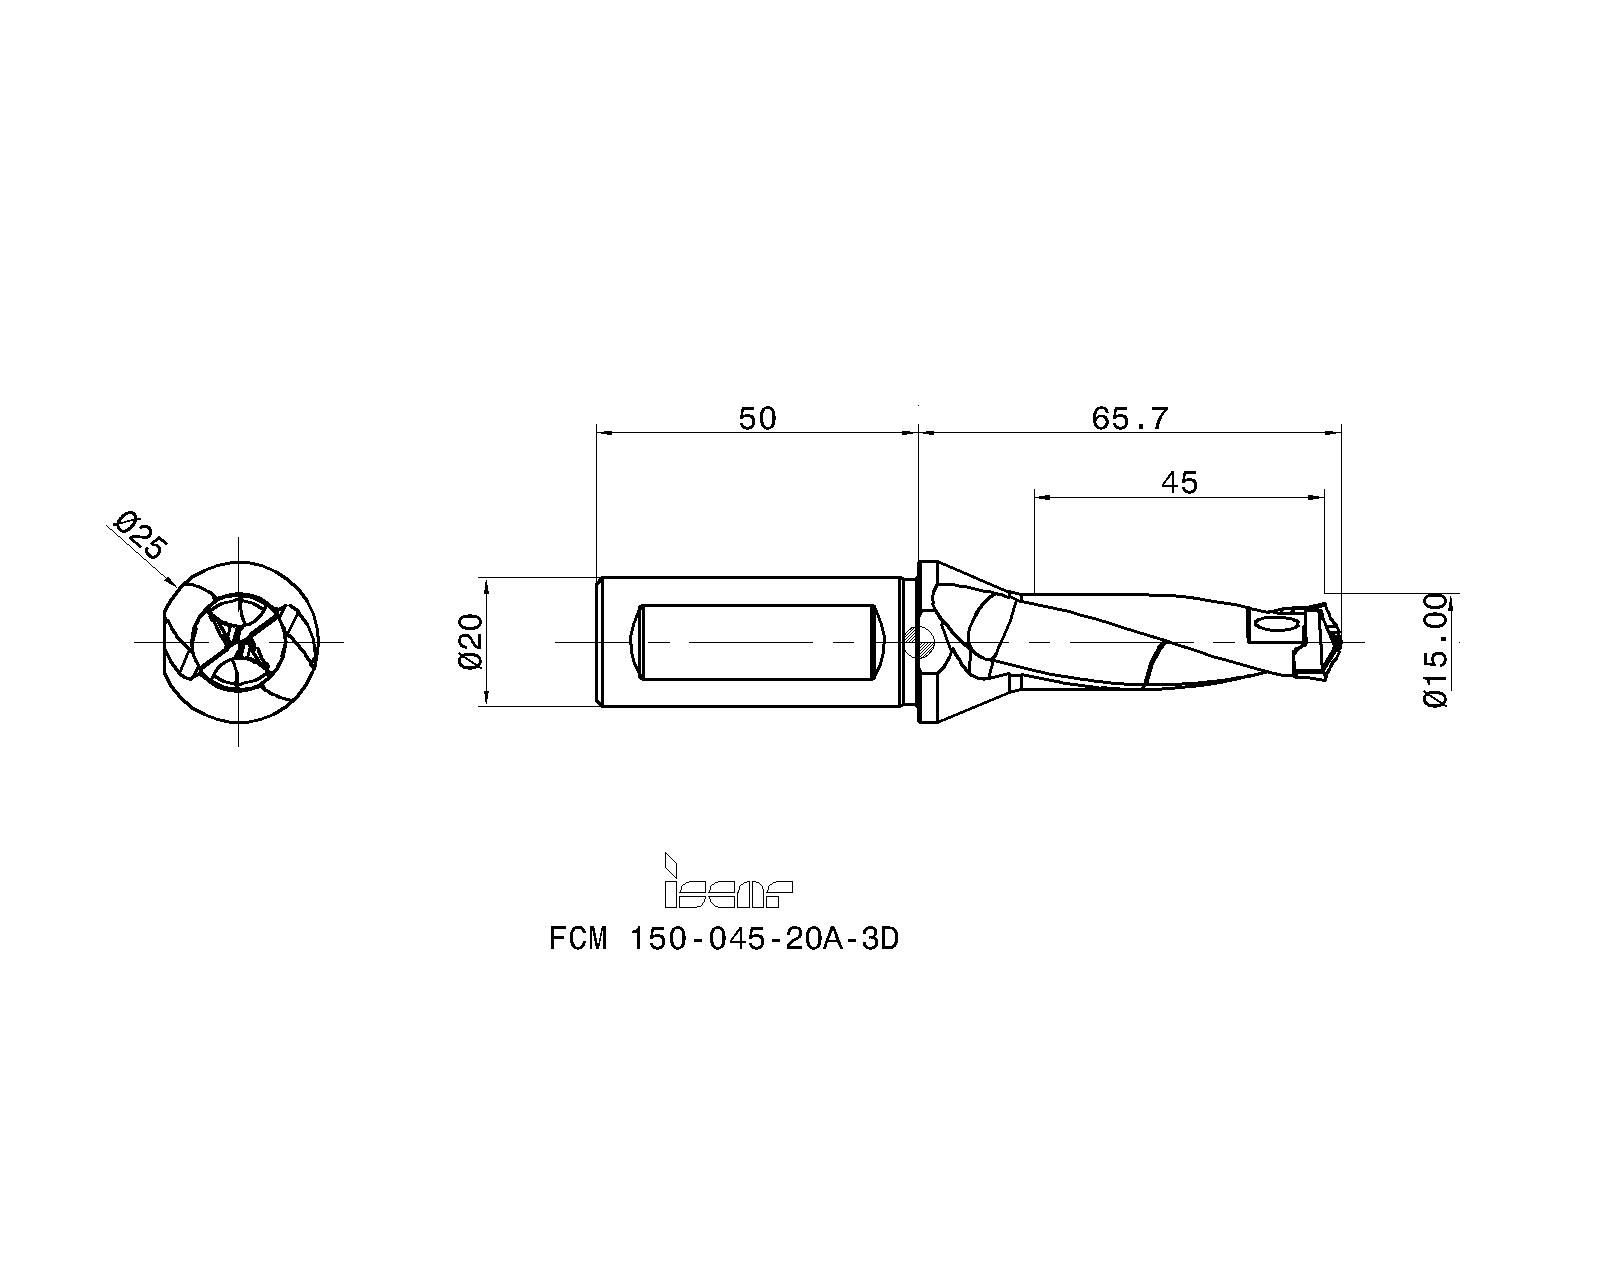 iscar cutting tools metal working tools fcm 3d 3325866 fcm rh iscar com